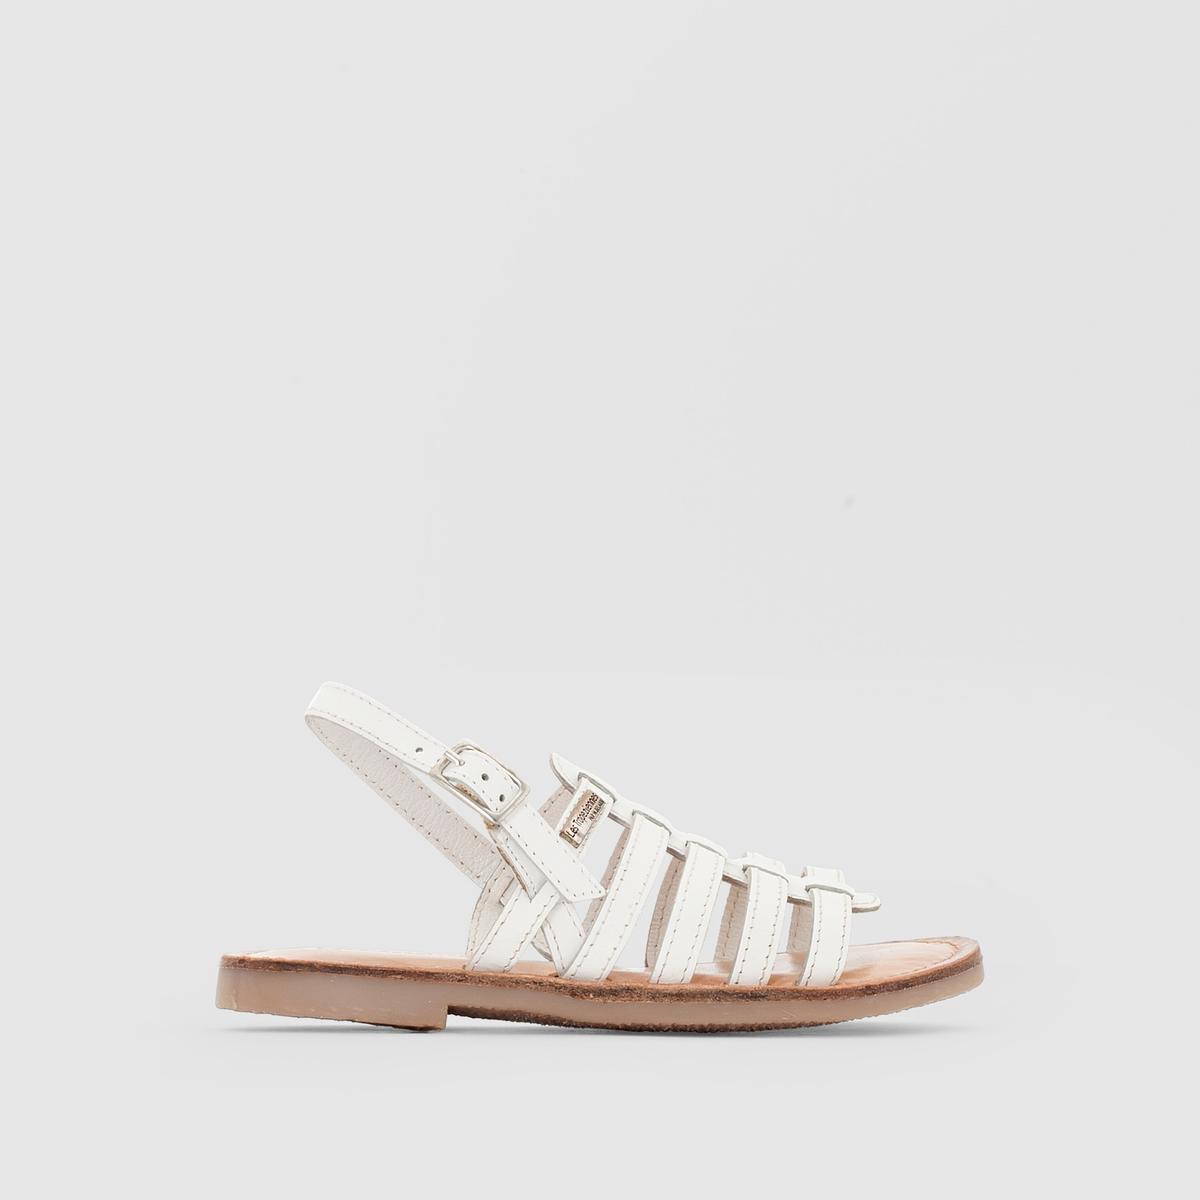 Сандалии кожаные LES TROPEZIENNES, дизайн М. Беларби, модель LILOU сандалии кожаные gopak